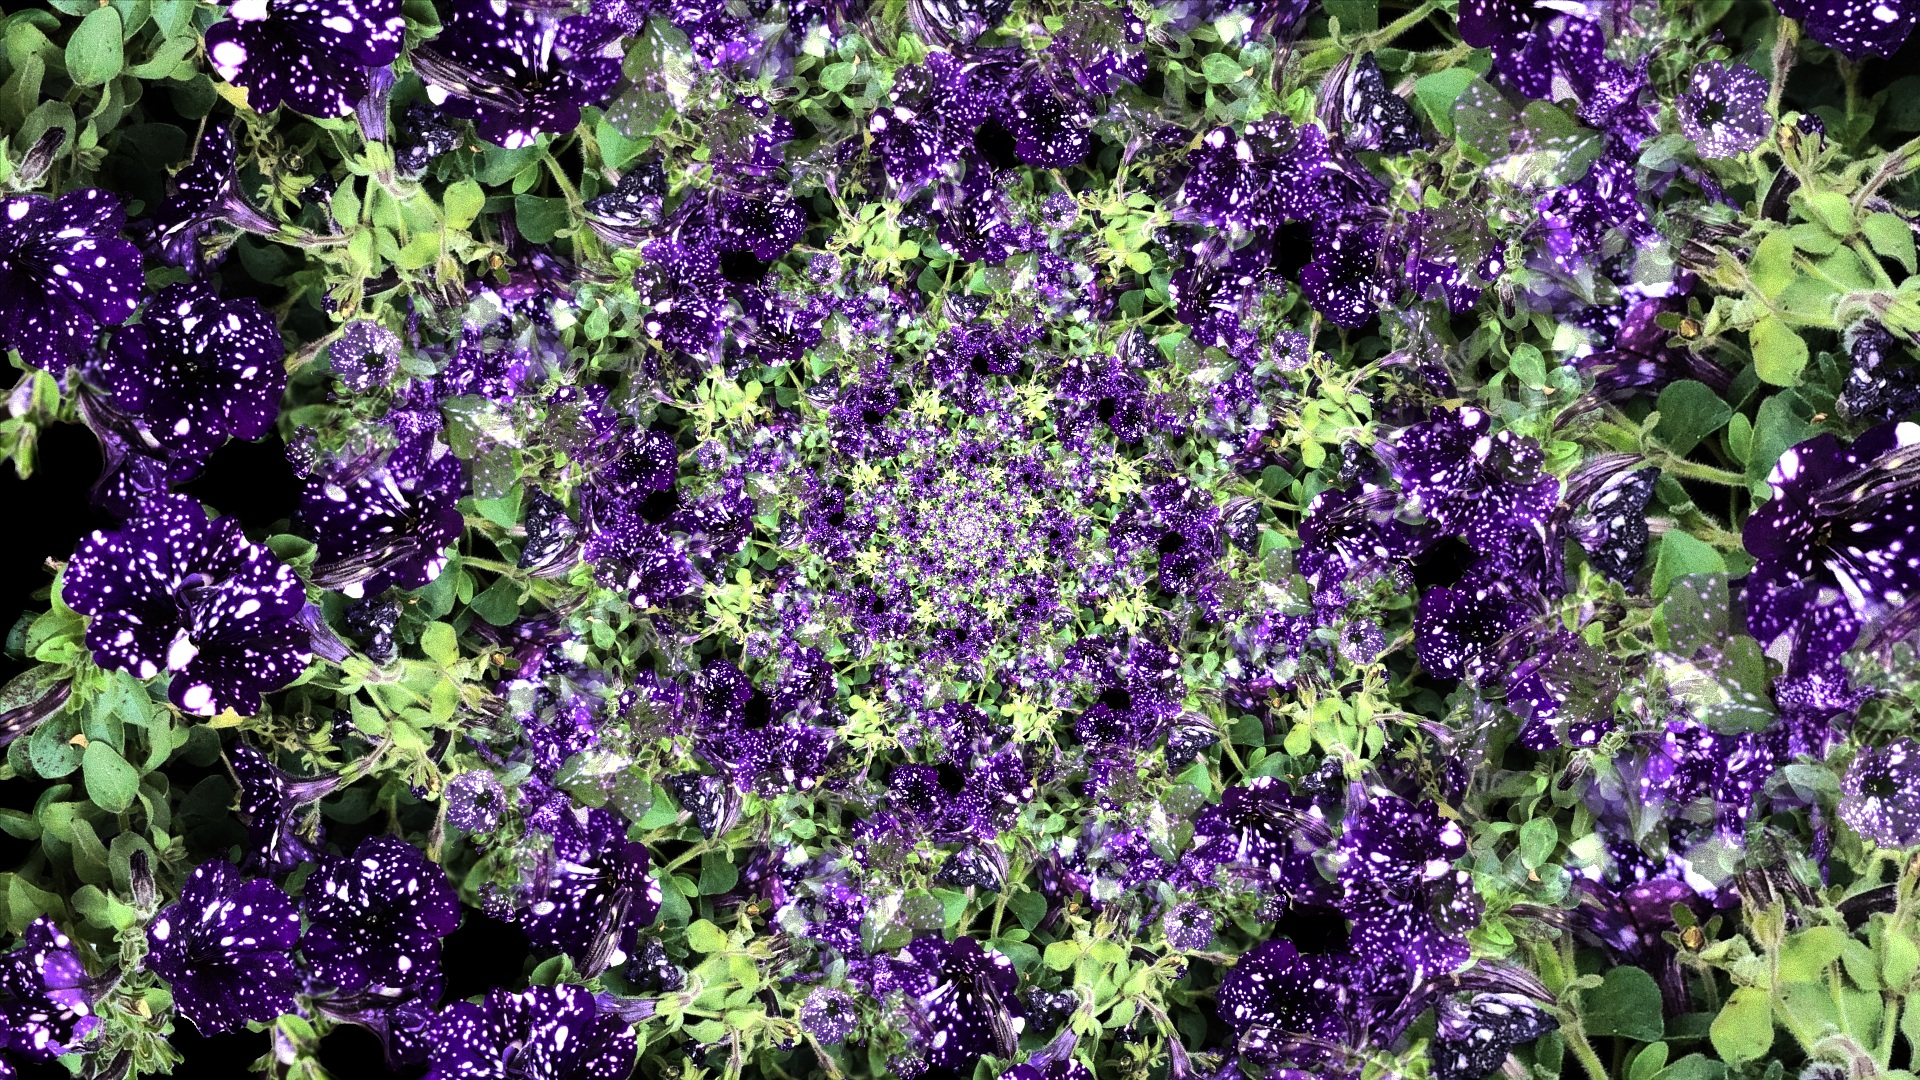 chaotica fractal algorithm